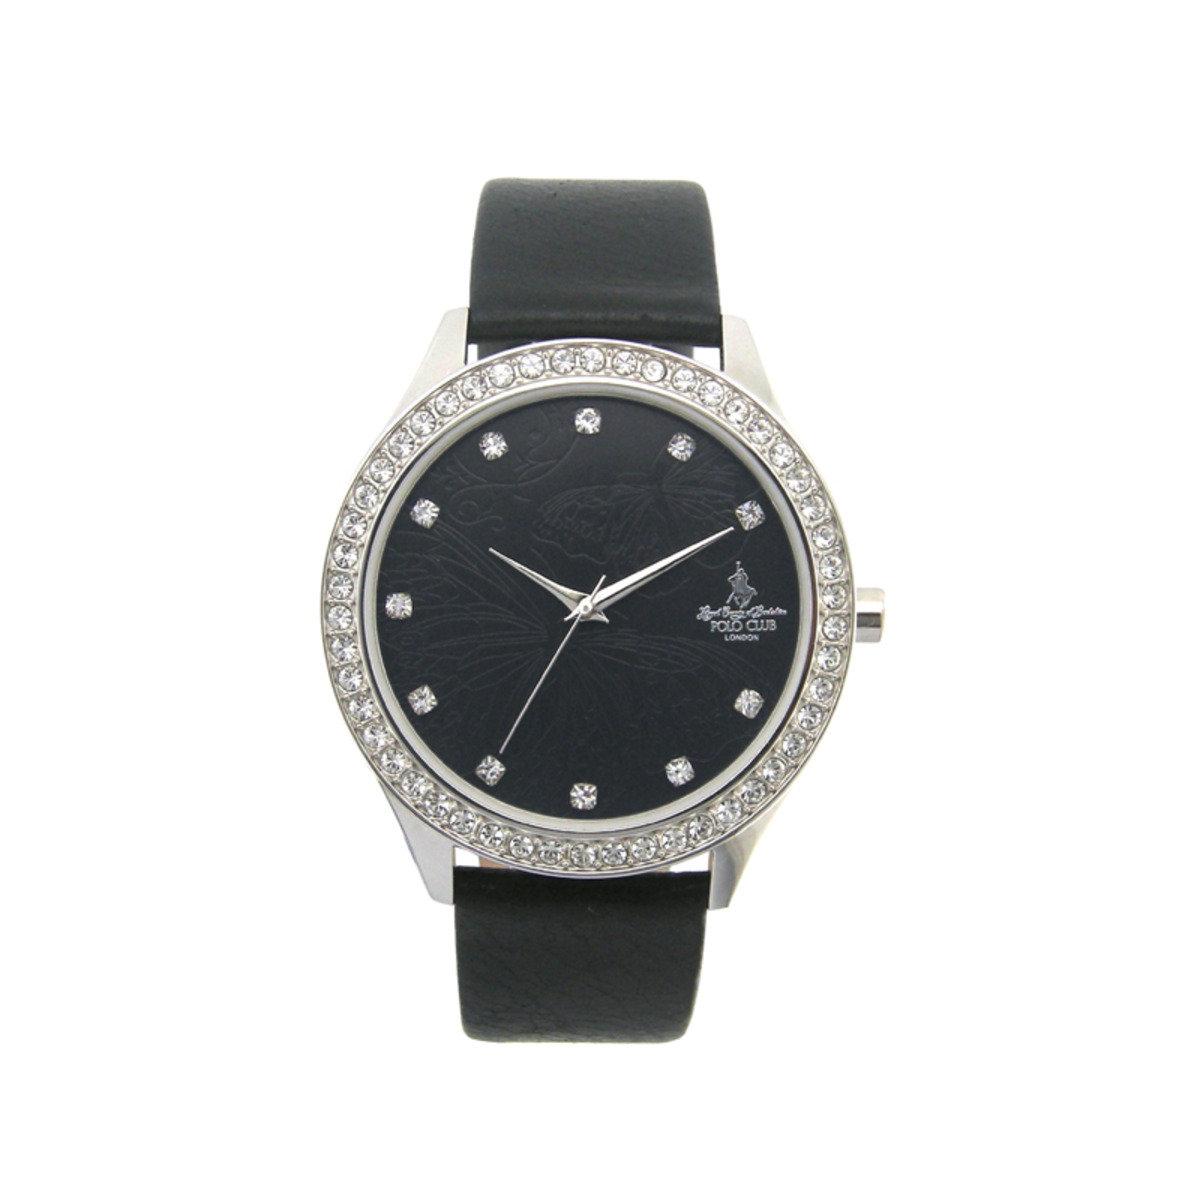 PL117-656BK Watch